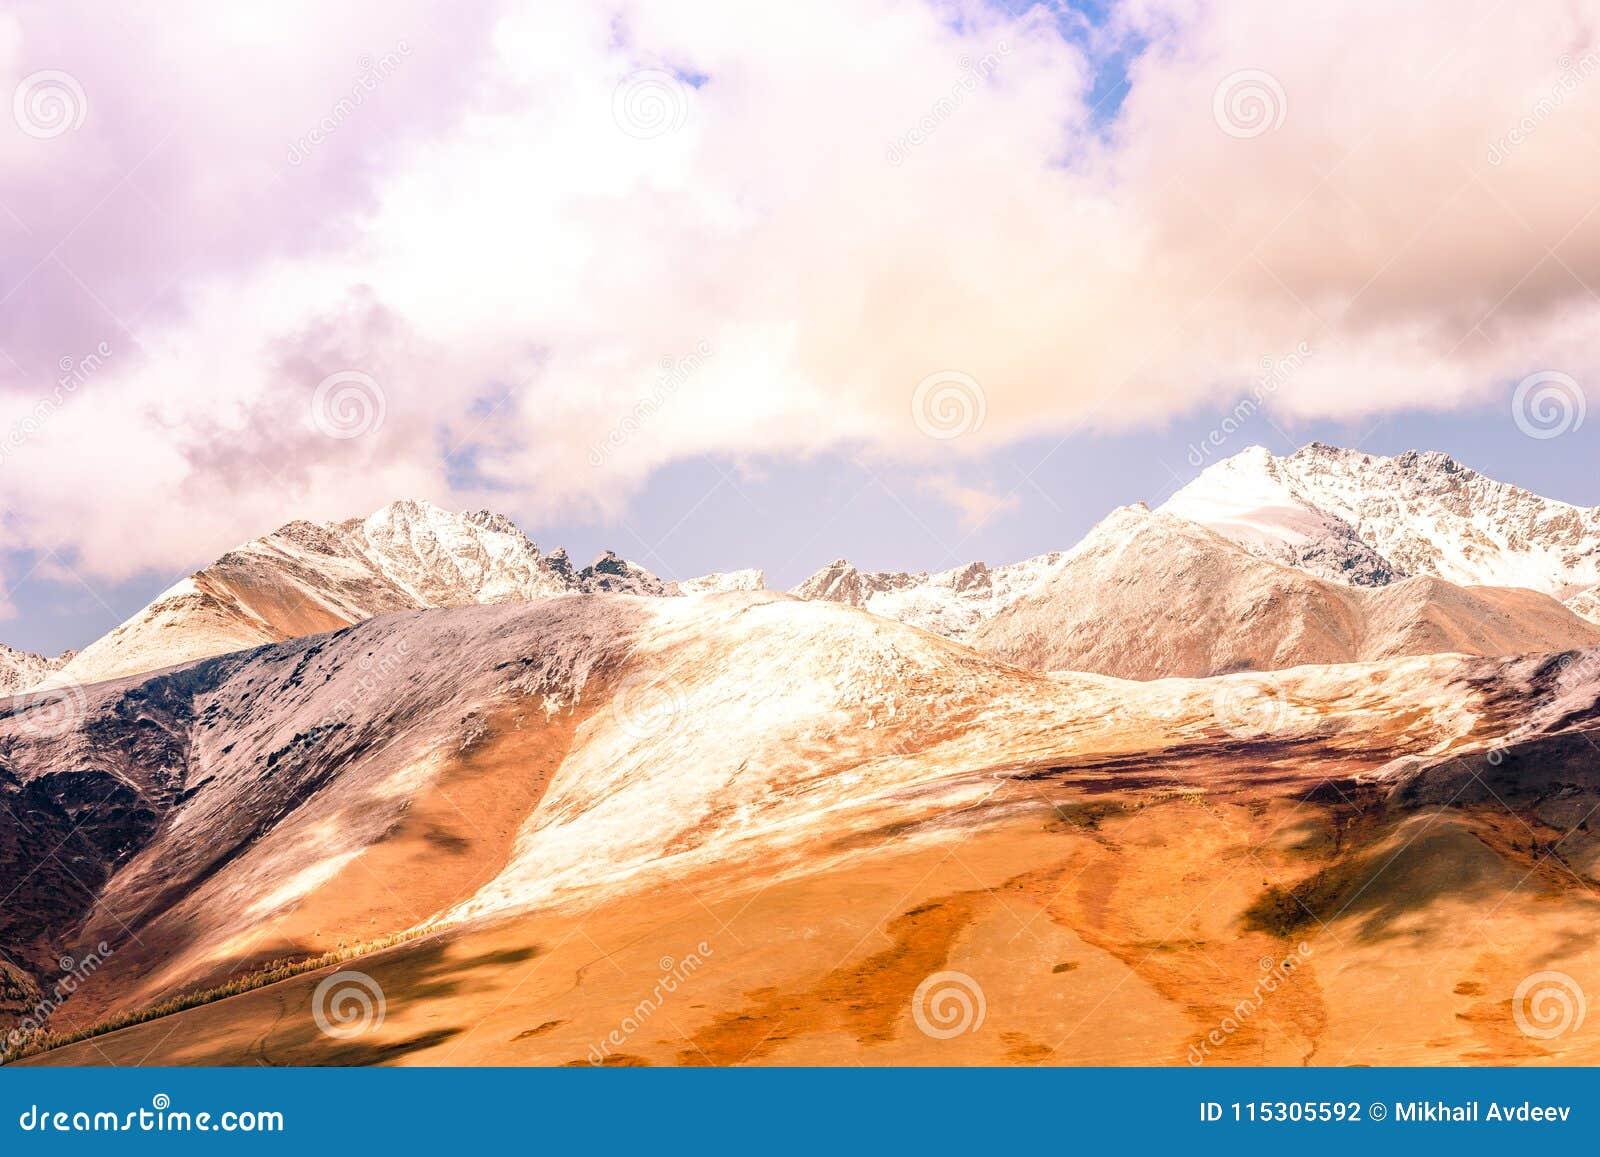 Gebirgszug mit schneebedeckten Spitzen unter den Wolken